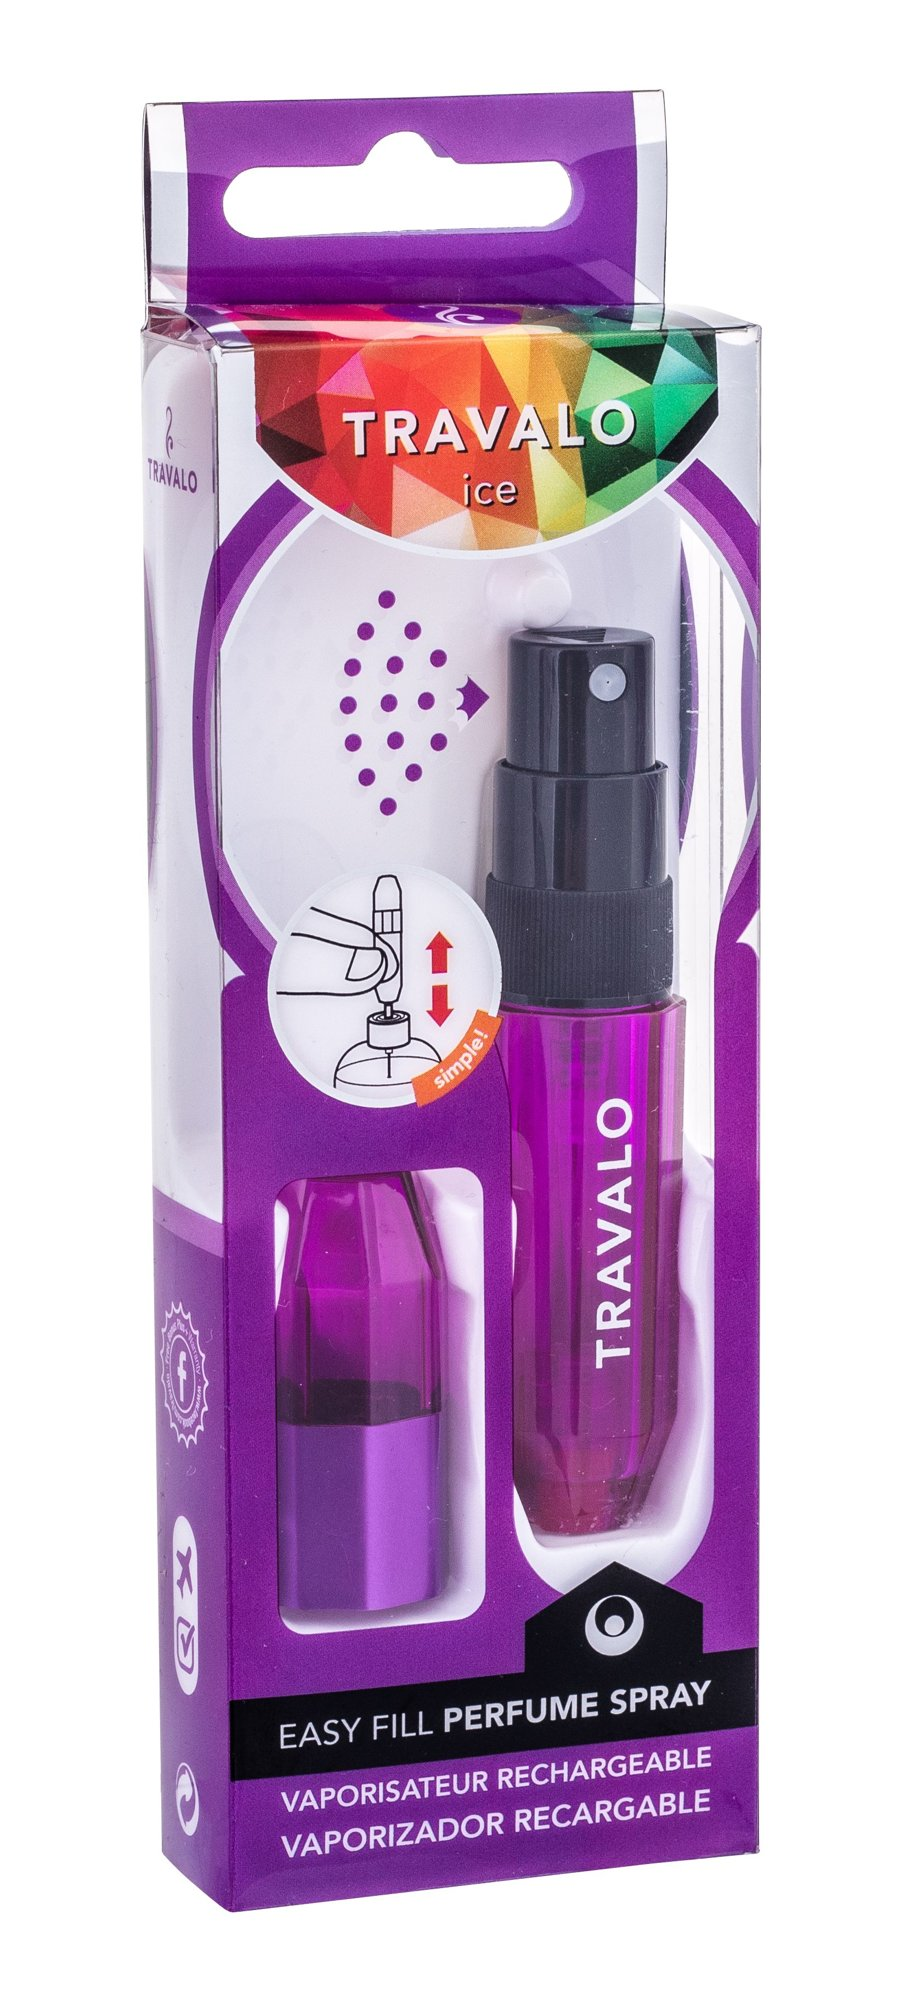 Travalo Ice refillable flacon 5ml